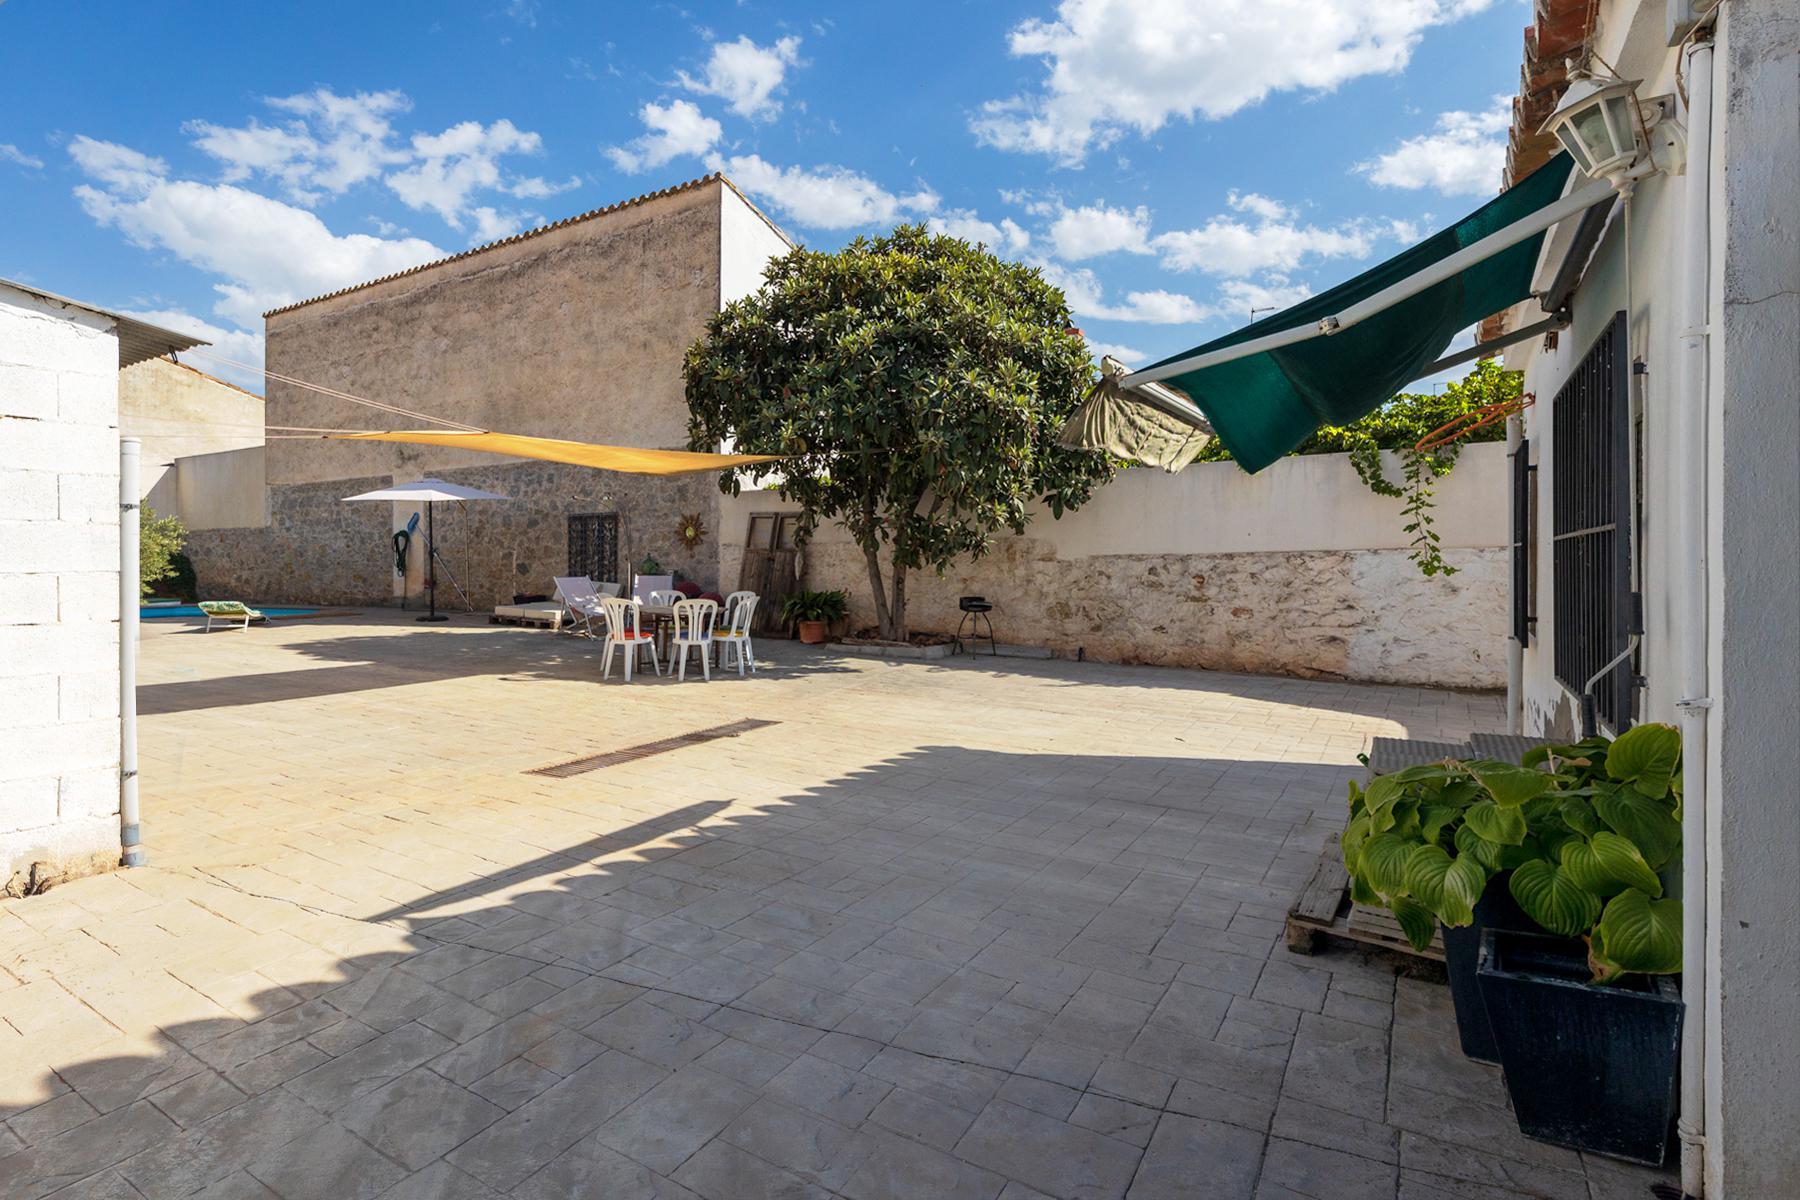 Imagen 2 Casa Aislada en venta en Albolote / Parque del Chaparral, junto cafetería S.Ildefonso